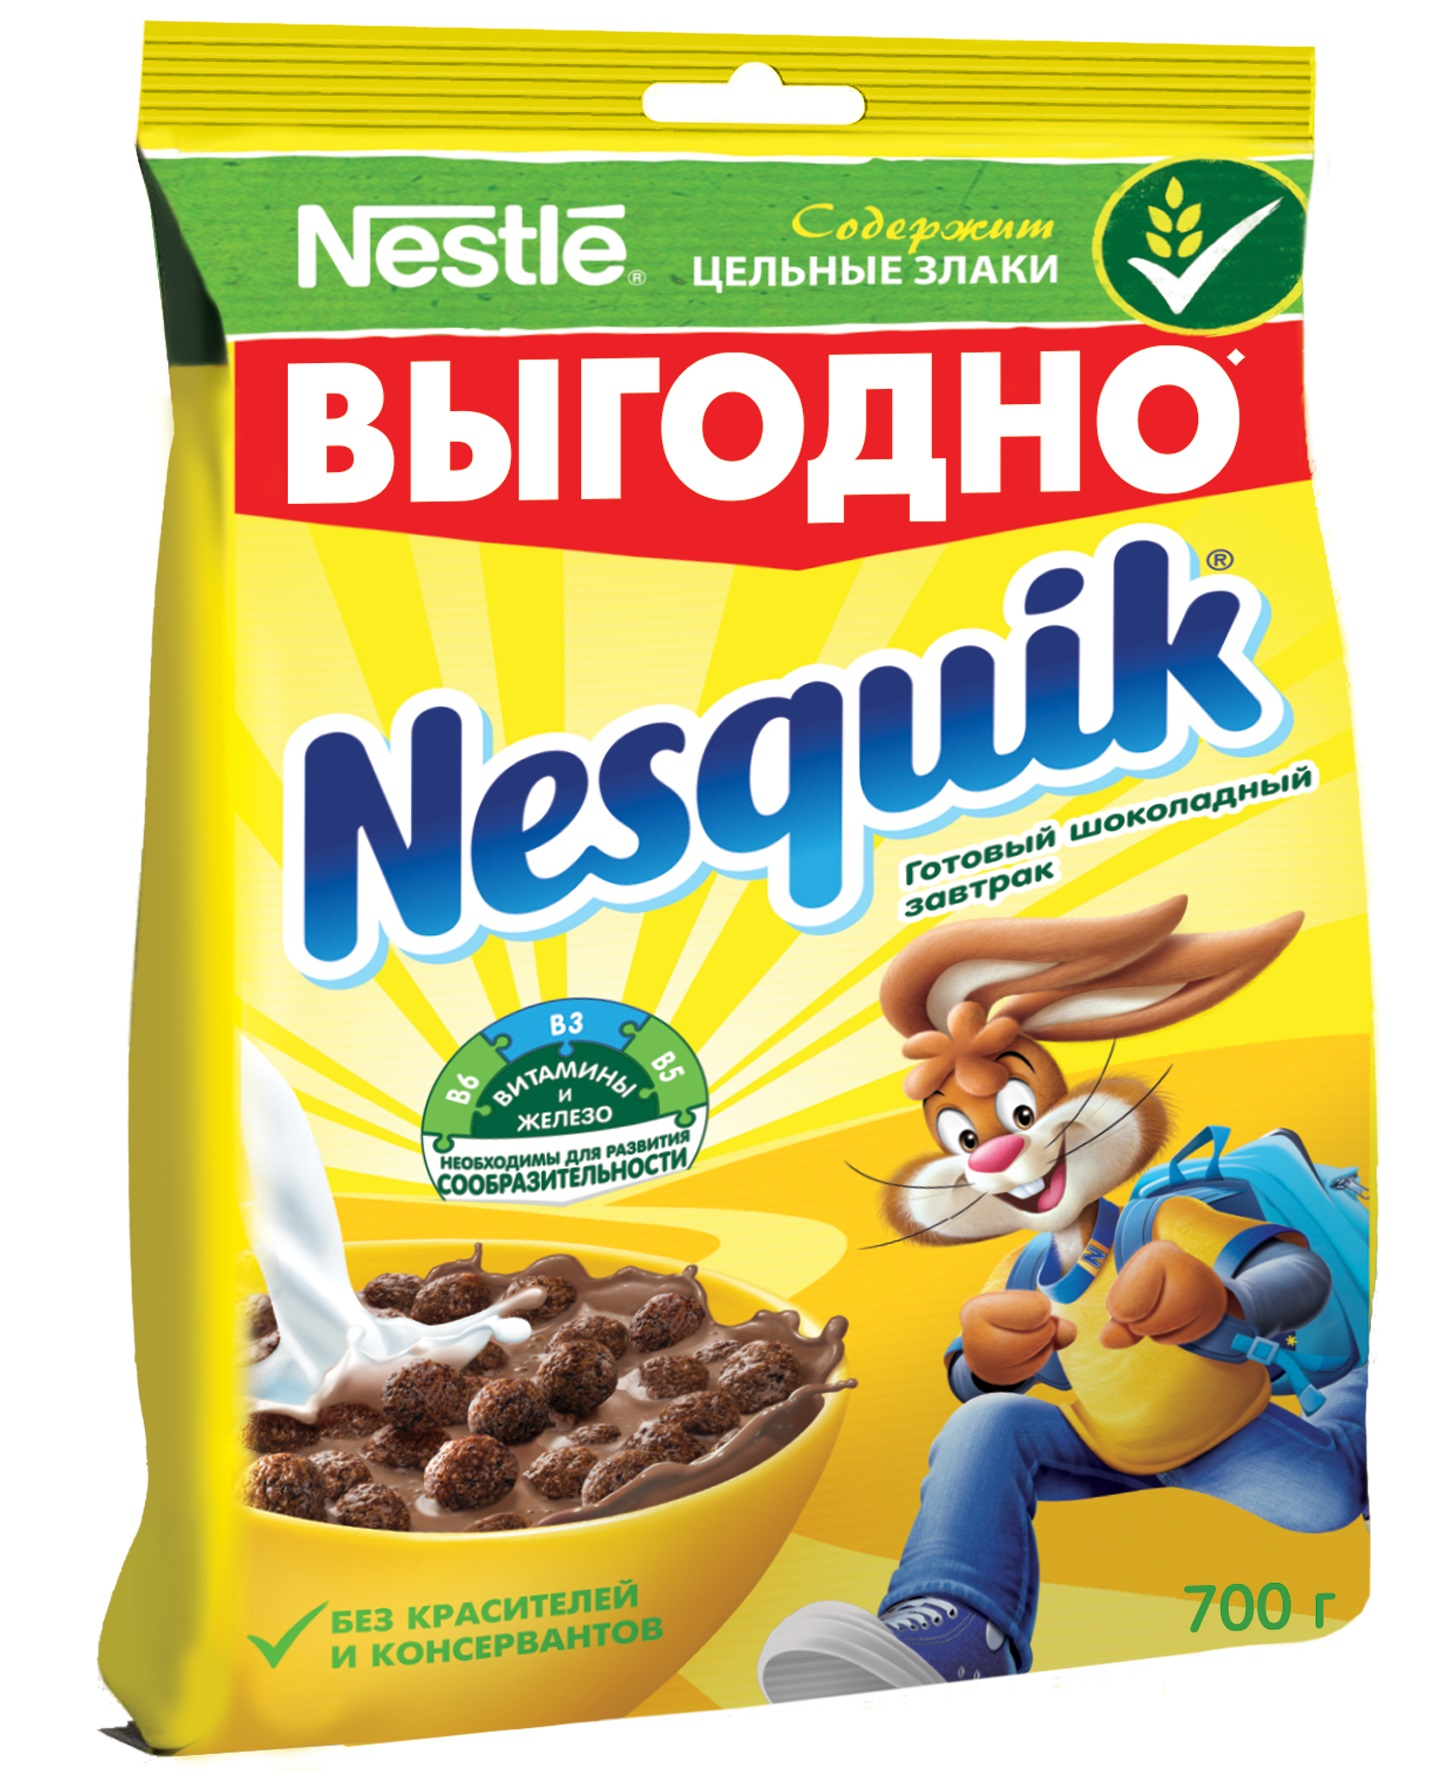 Готовые завтраки, каши, мюсли Matti или Готовые завтраки, каши, мюсли Nesquik — что лучше